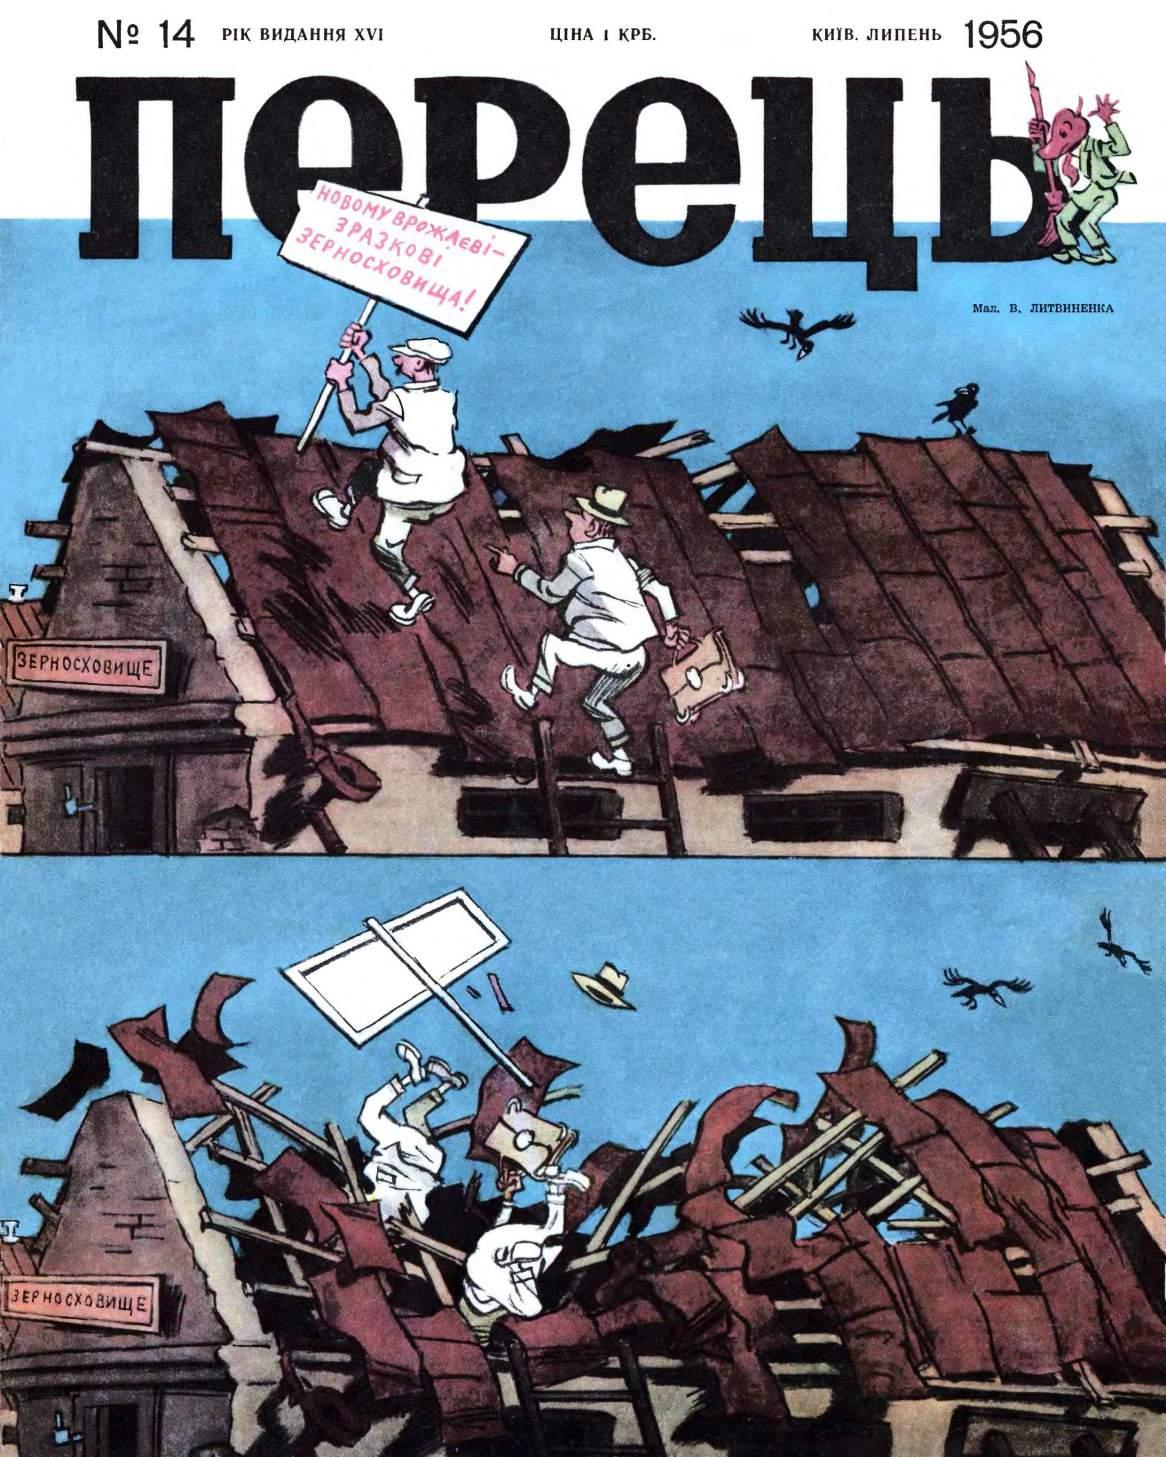 Журнал перець 1956 №14